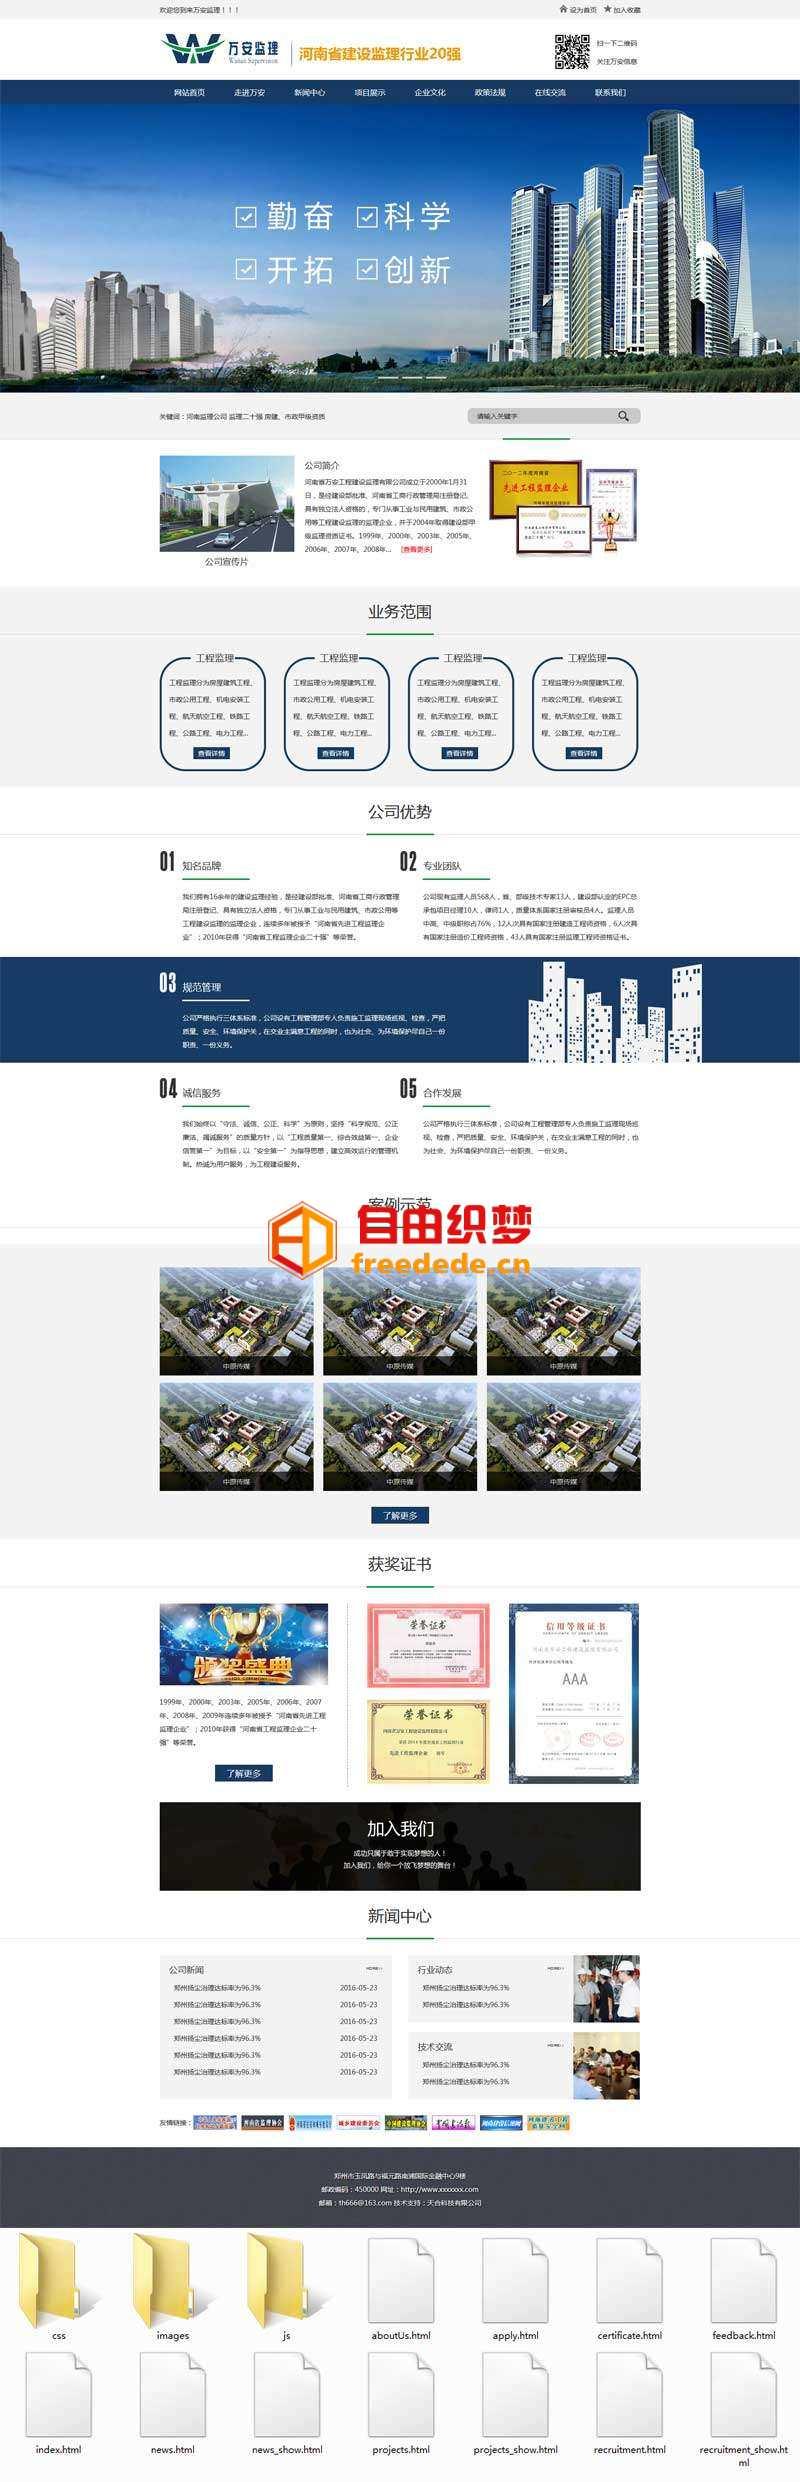 爱上源码网文章建筑监理公司网站html模板的内容插图